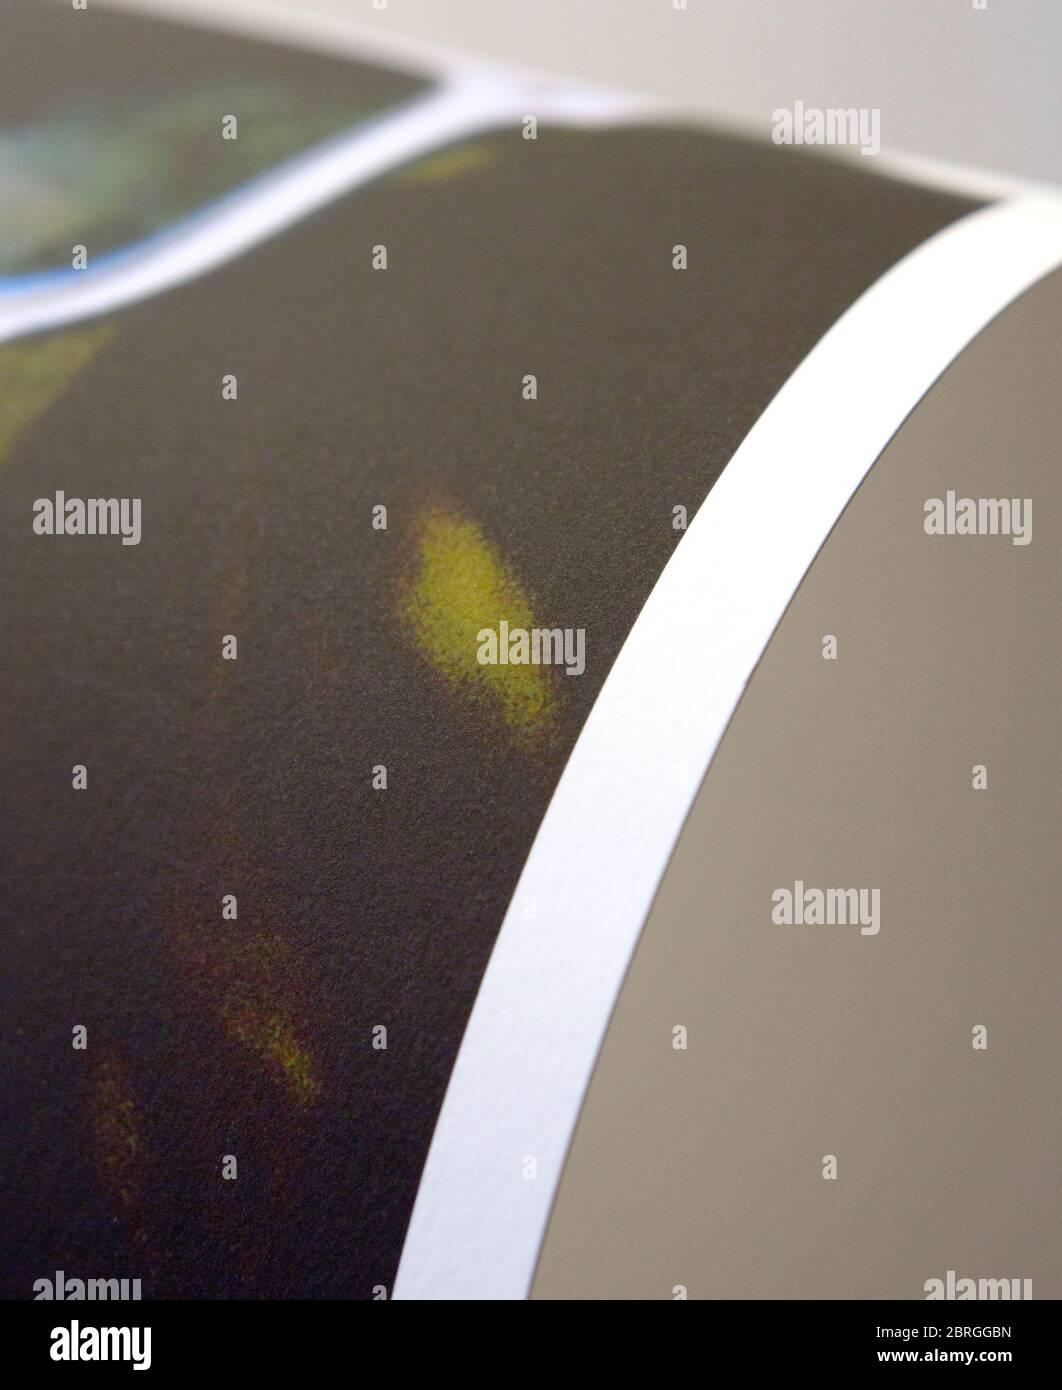 Una impresión fotográfica en color de arte impreso en un acabado mate. Utilizado por artistas y fotógrafos para un acabado de archivo de color dullish y no reflexivo. Foto de stock